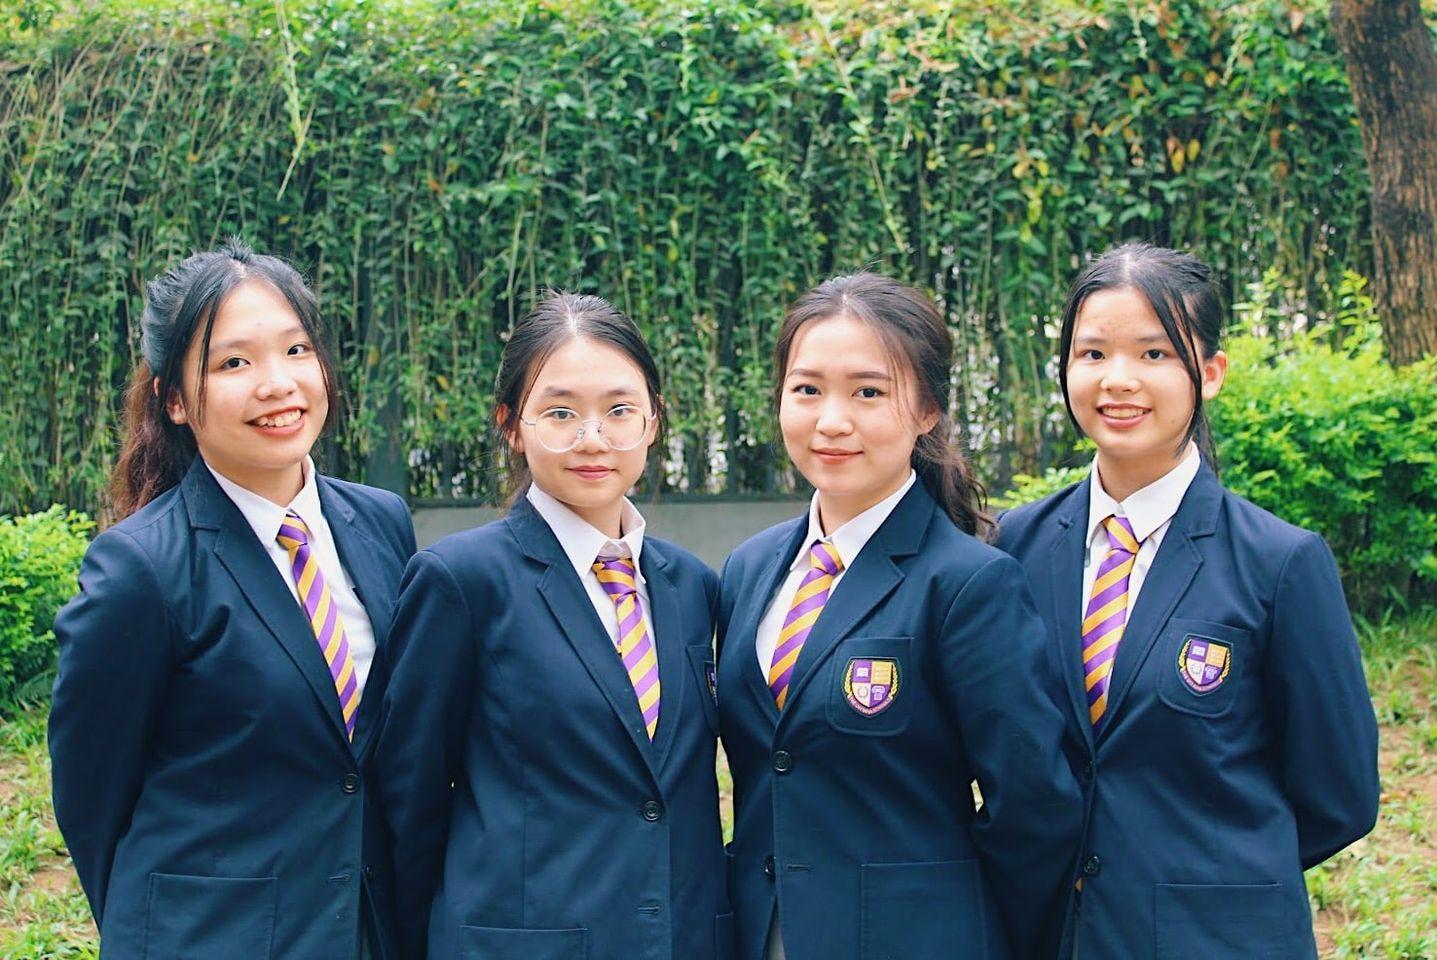 Đầu năm 2021, 4 học sinh Olympia xuất sắc vượt qua vòng loại kỳ thi tranh biện uy tín châu Á Asian Online Debating Championship 2021 và một trong 4 thí sinh đã giành giải Người nói xuất sắc.